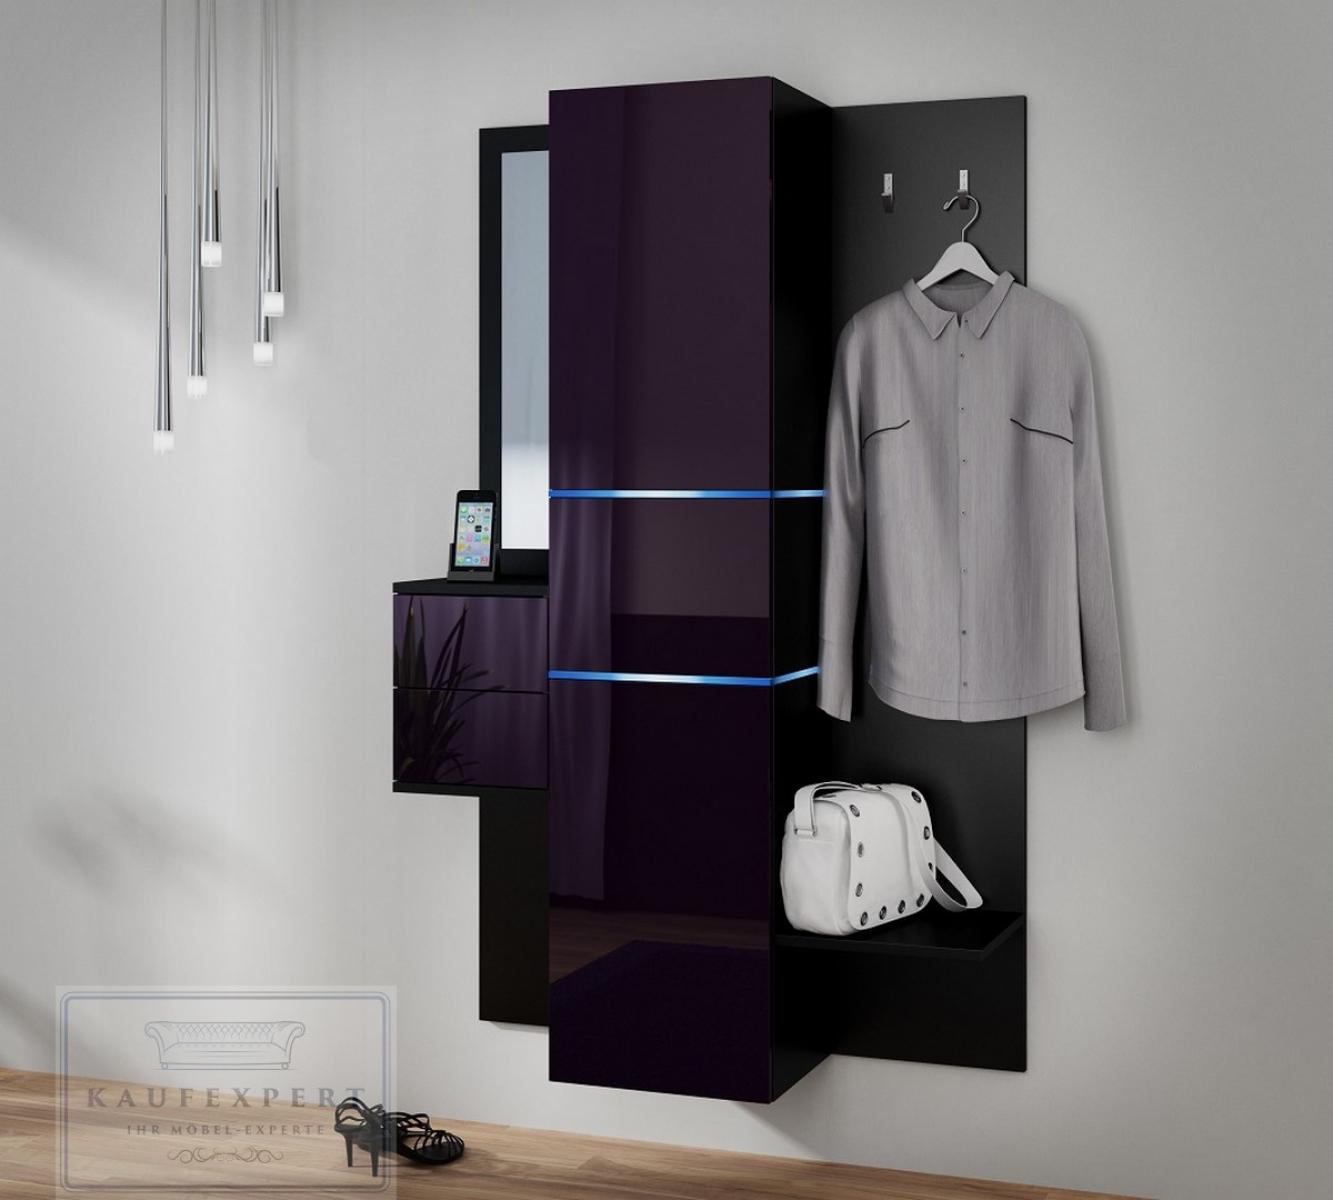 kaufexpert garderobe camino aubergine hochglanz schwarz mit spiegel led beleuchtung garderoben. Black Bedroom Furniture Sets. Home Design Ideas